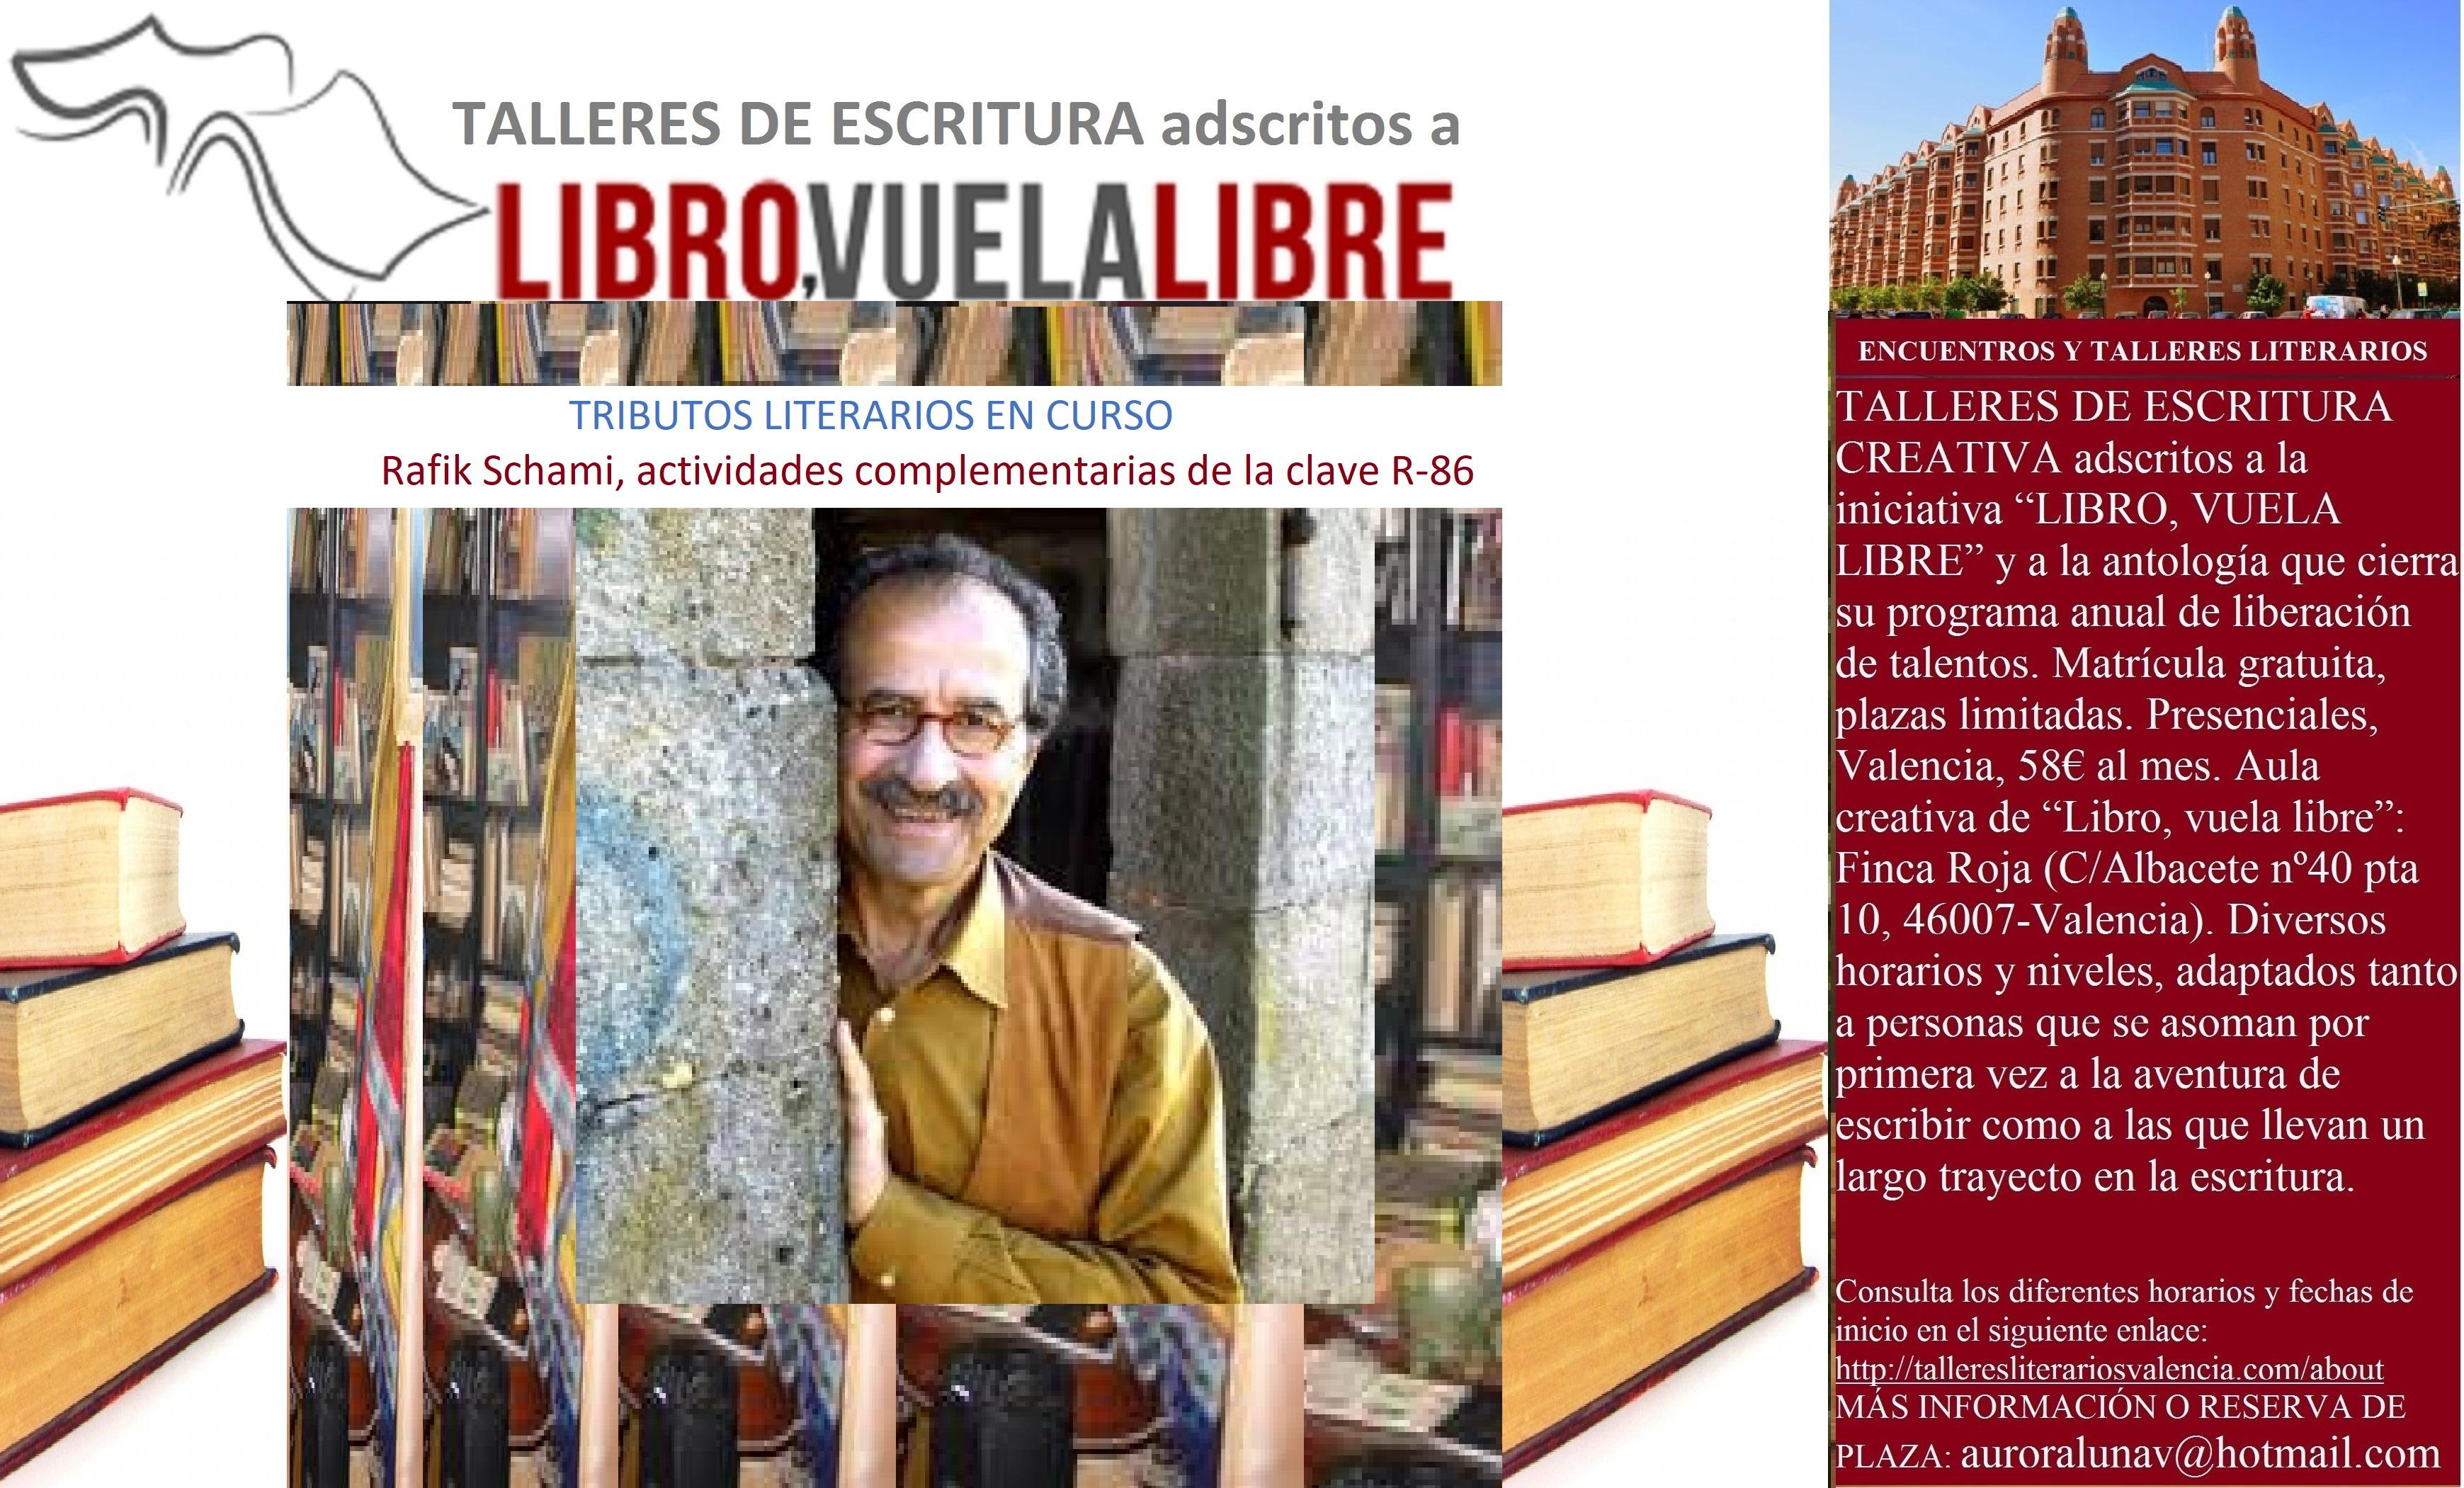 MEMORIAS DE DAMASCO. Taller de escritores, tributos literarios en curso